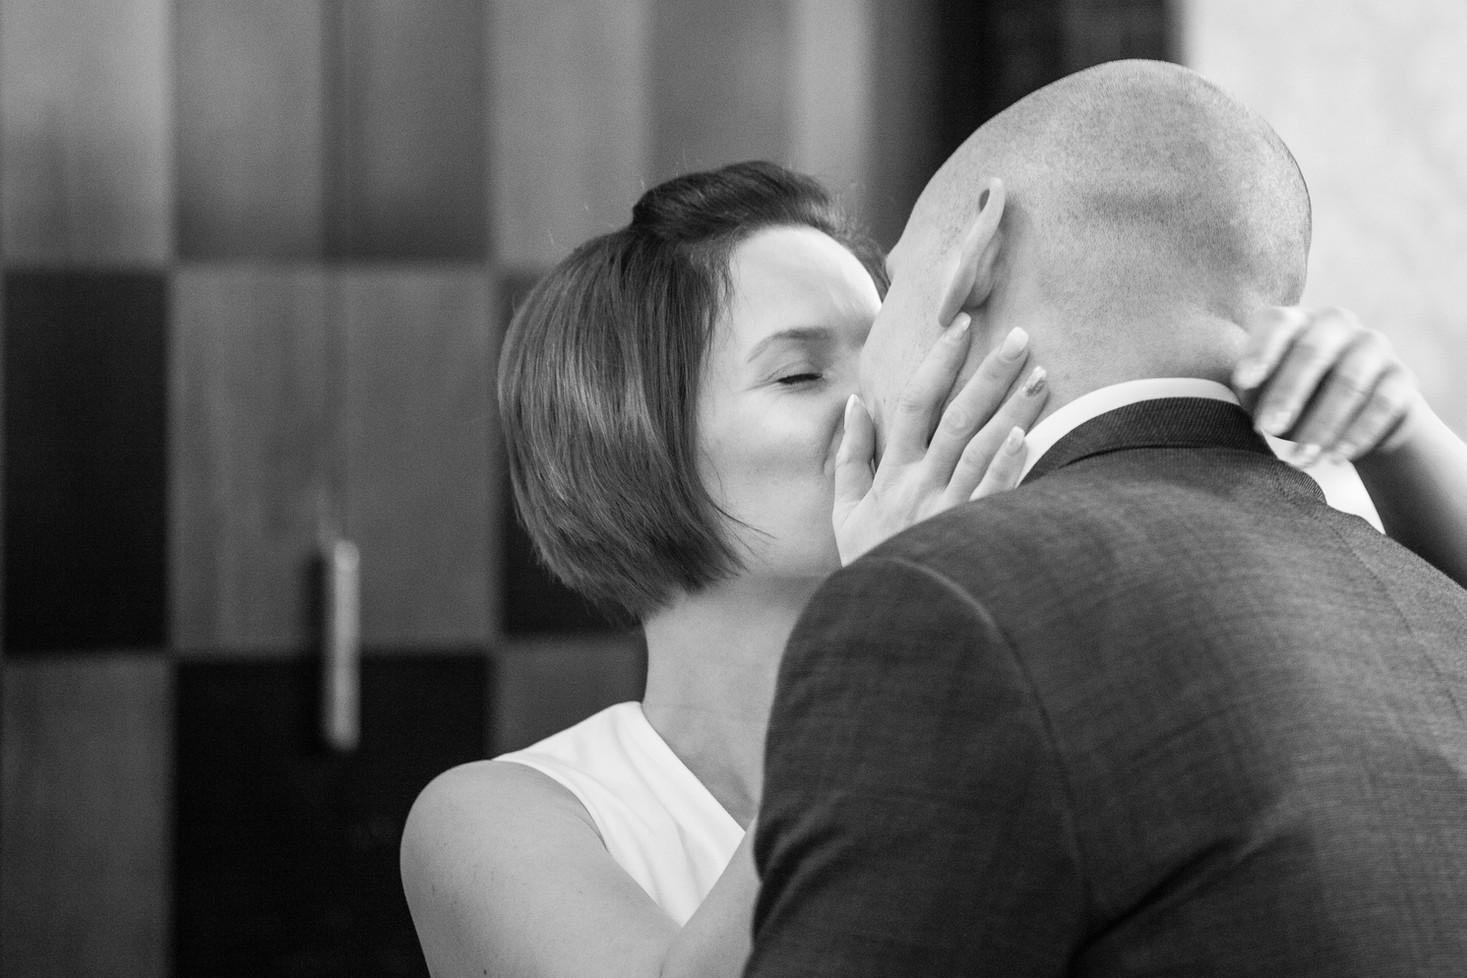 MAIK_&_ANJA_WEDDING_08.03.2019 (8 von 84